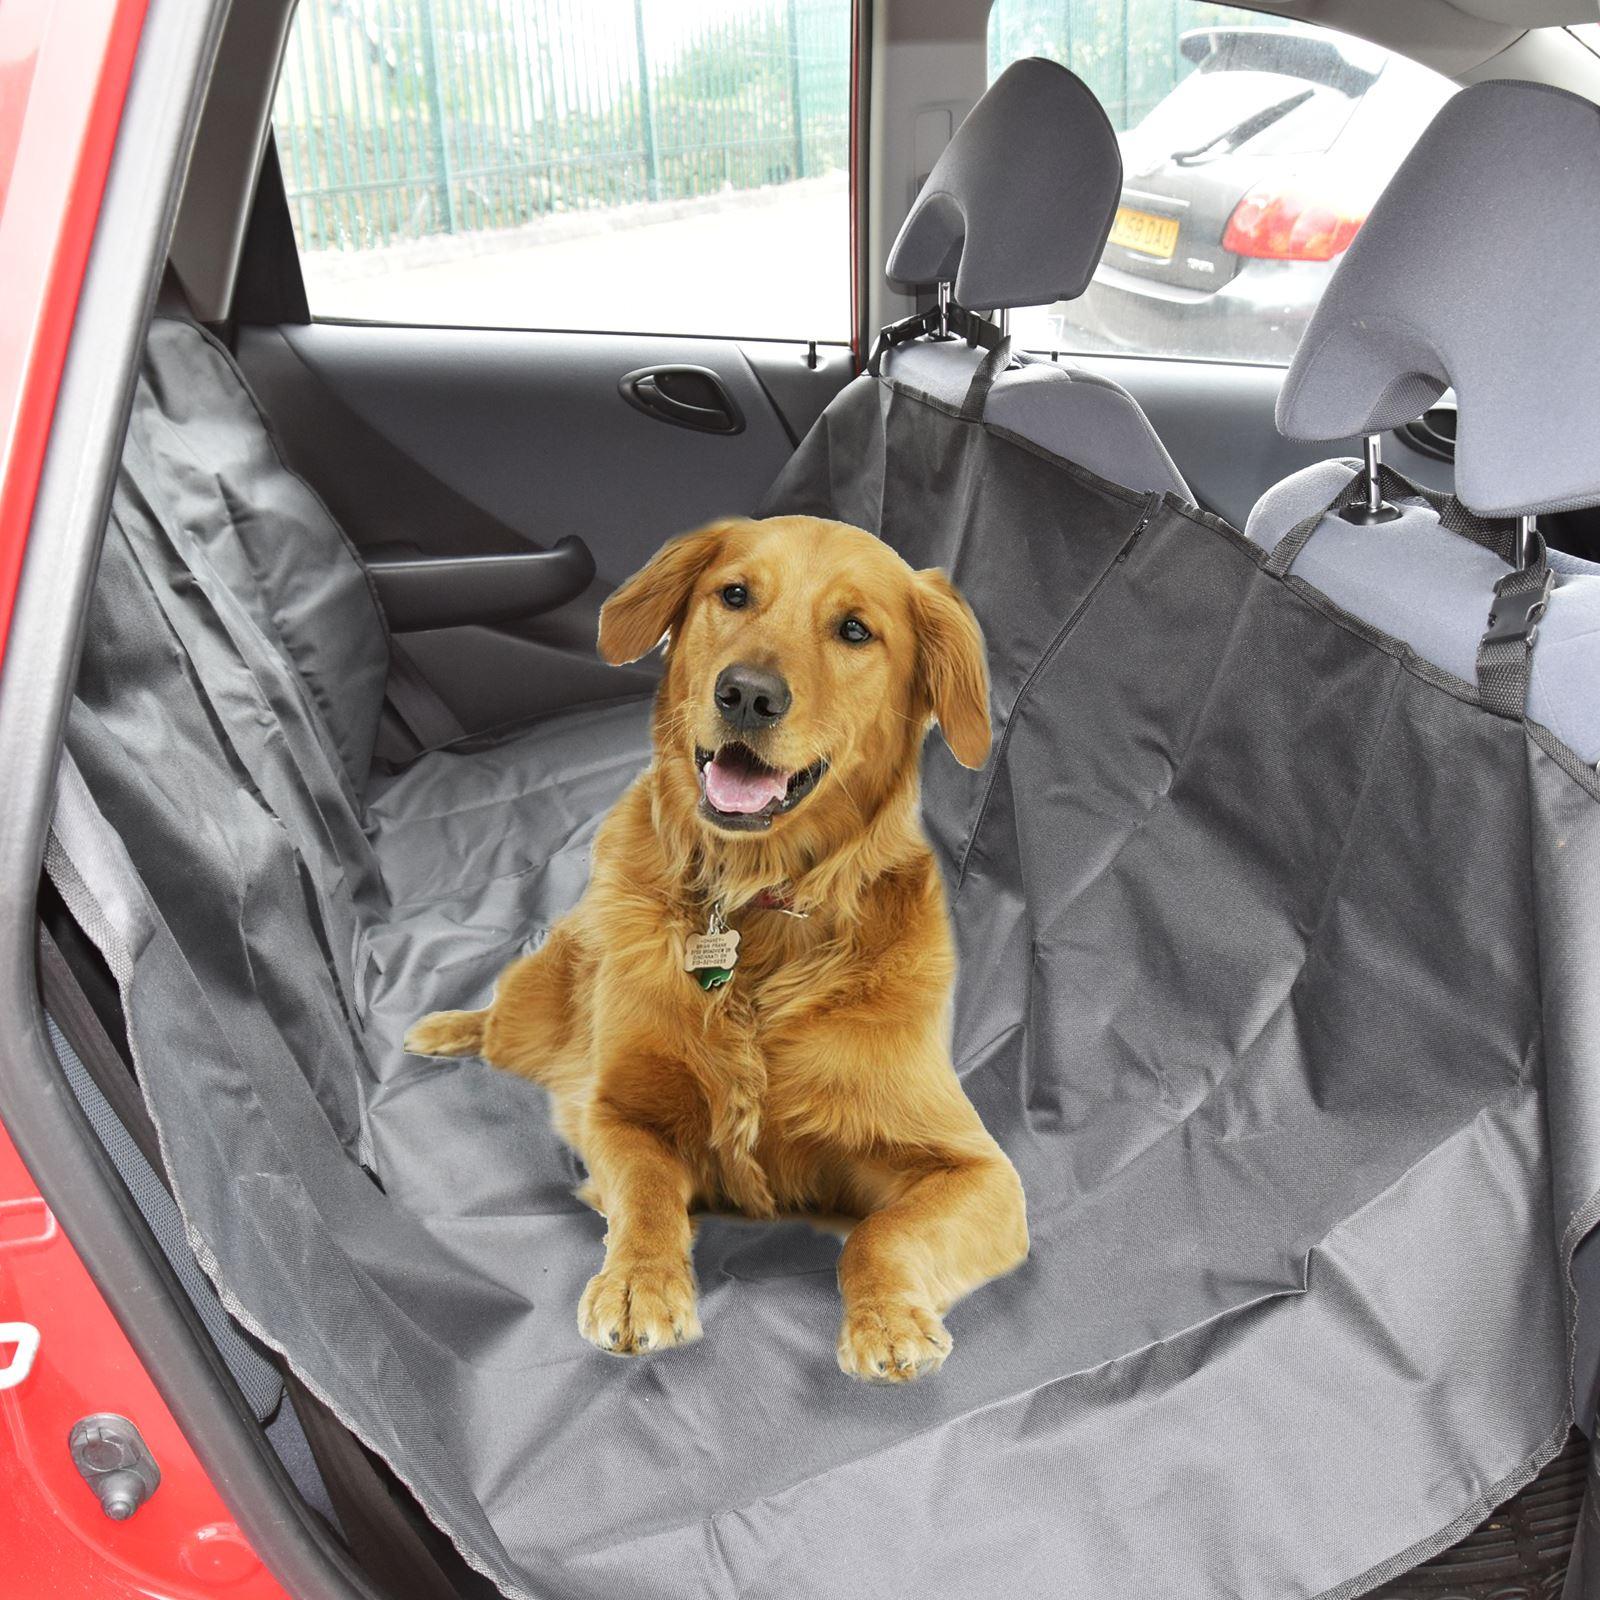 Etanche-Voiture-Arriere-Siege-arriere-couverture-animal-de-compagnie-chien-protecteur-Heavy-Duty